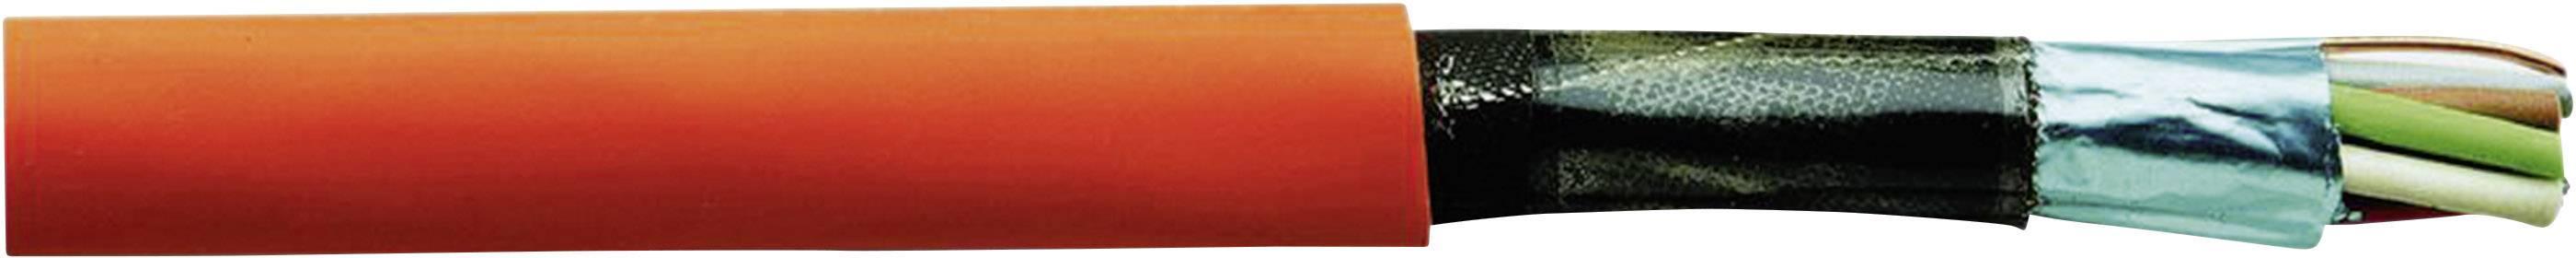 Kábel pre požiarne hlásiče JE-H(ST)H..E30 Faber Kabel JE-H(ST)H..E30 100427, 2 x 2 x 0.8 mm, červená, metrový tovar